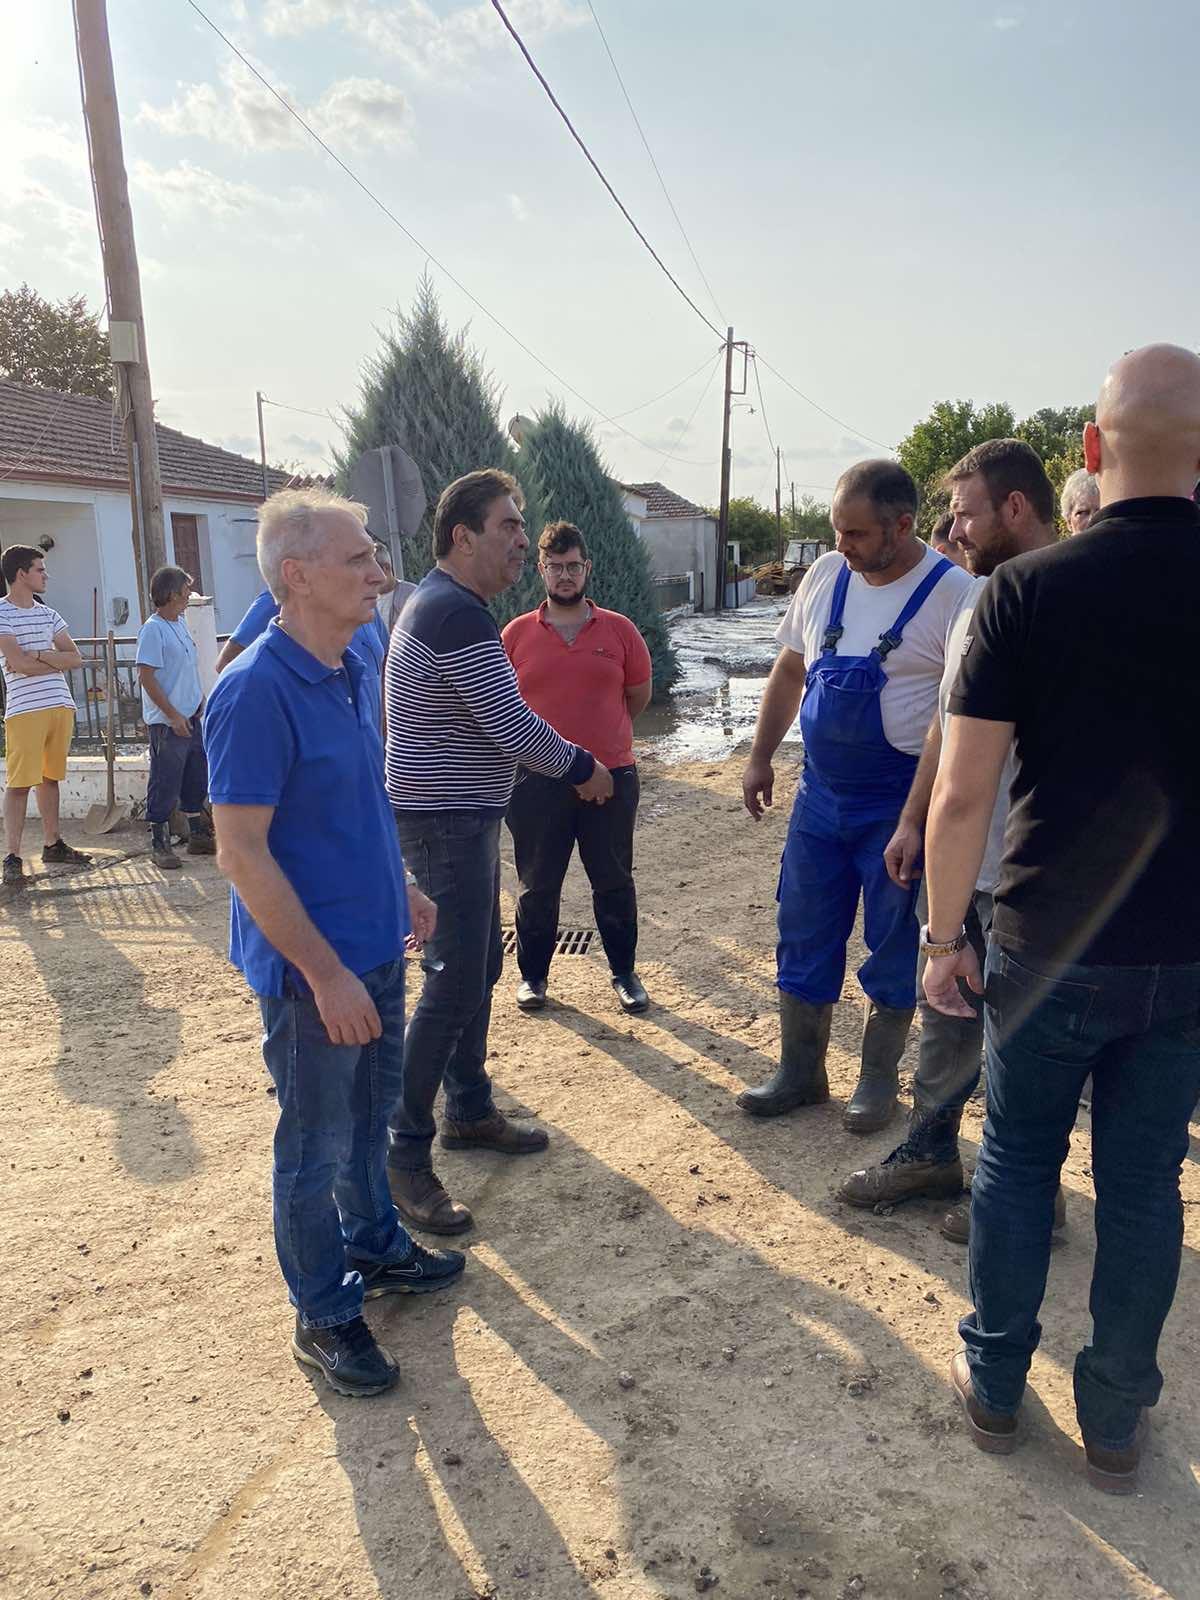 Δραματική εξέλιξη από τον Ιανό: Κίνδυνος να εγκαταλειφθούν και τα πεδινά χωριά -  Χάθηκε γόνιμο έδαφος σε Φάρσαλα, Αλμυρό, Καρδίτσα